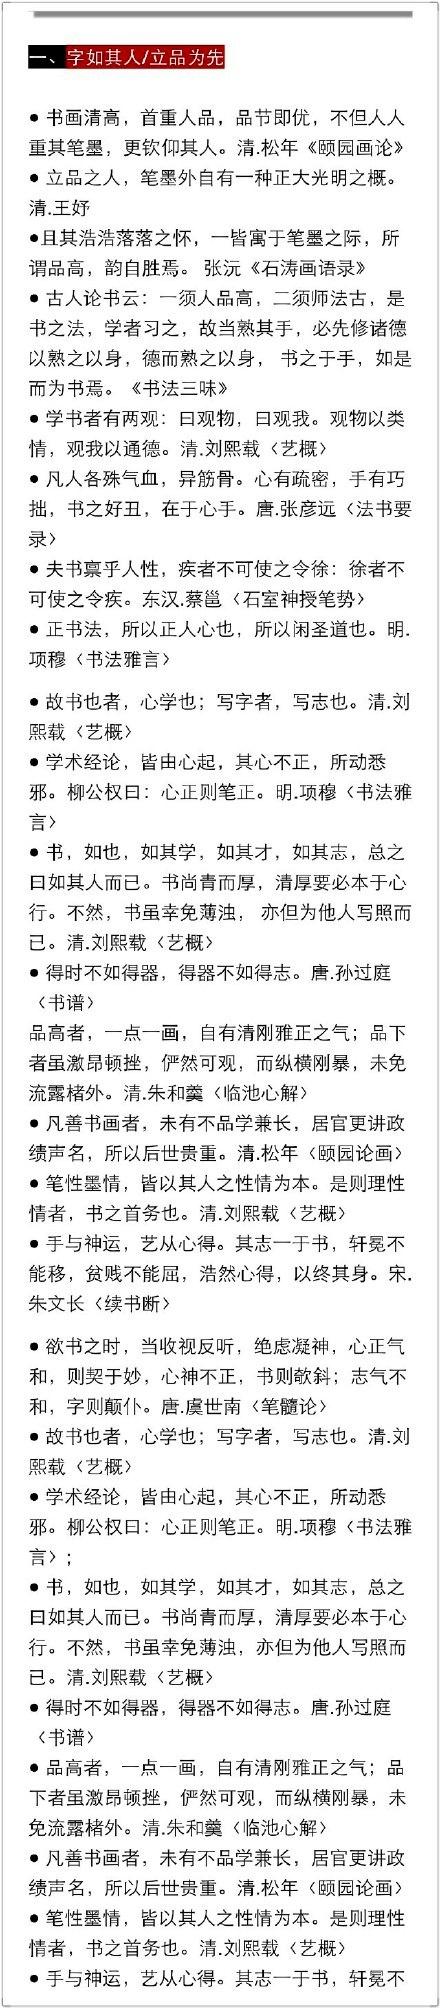 中国 千年书法理论精髓 大全